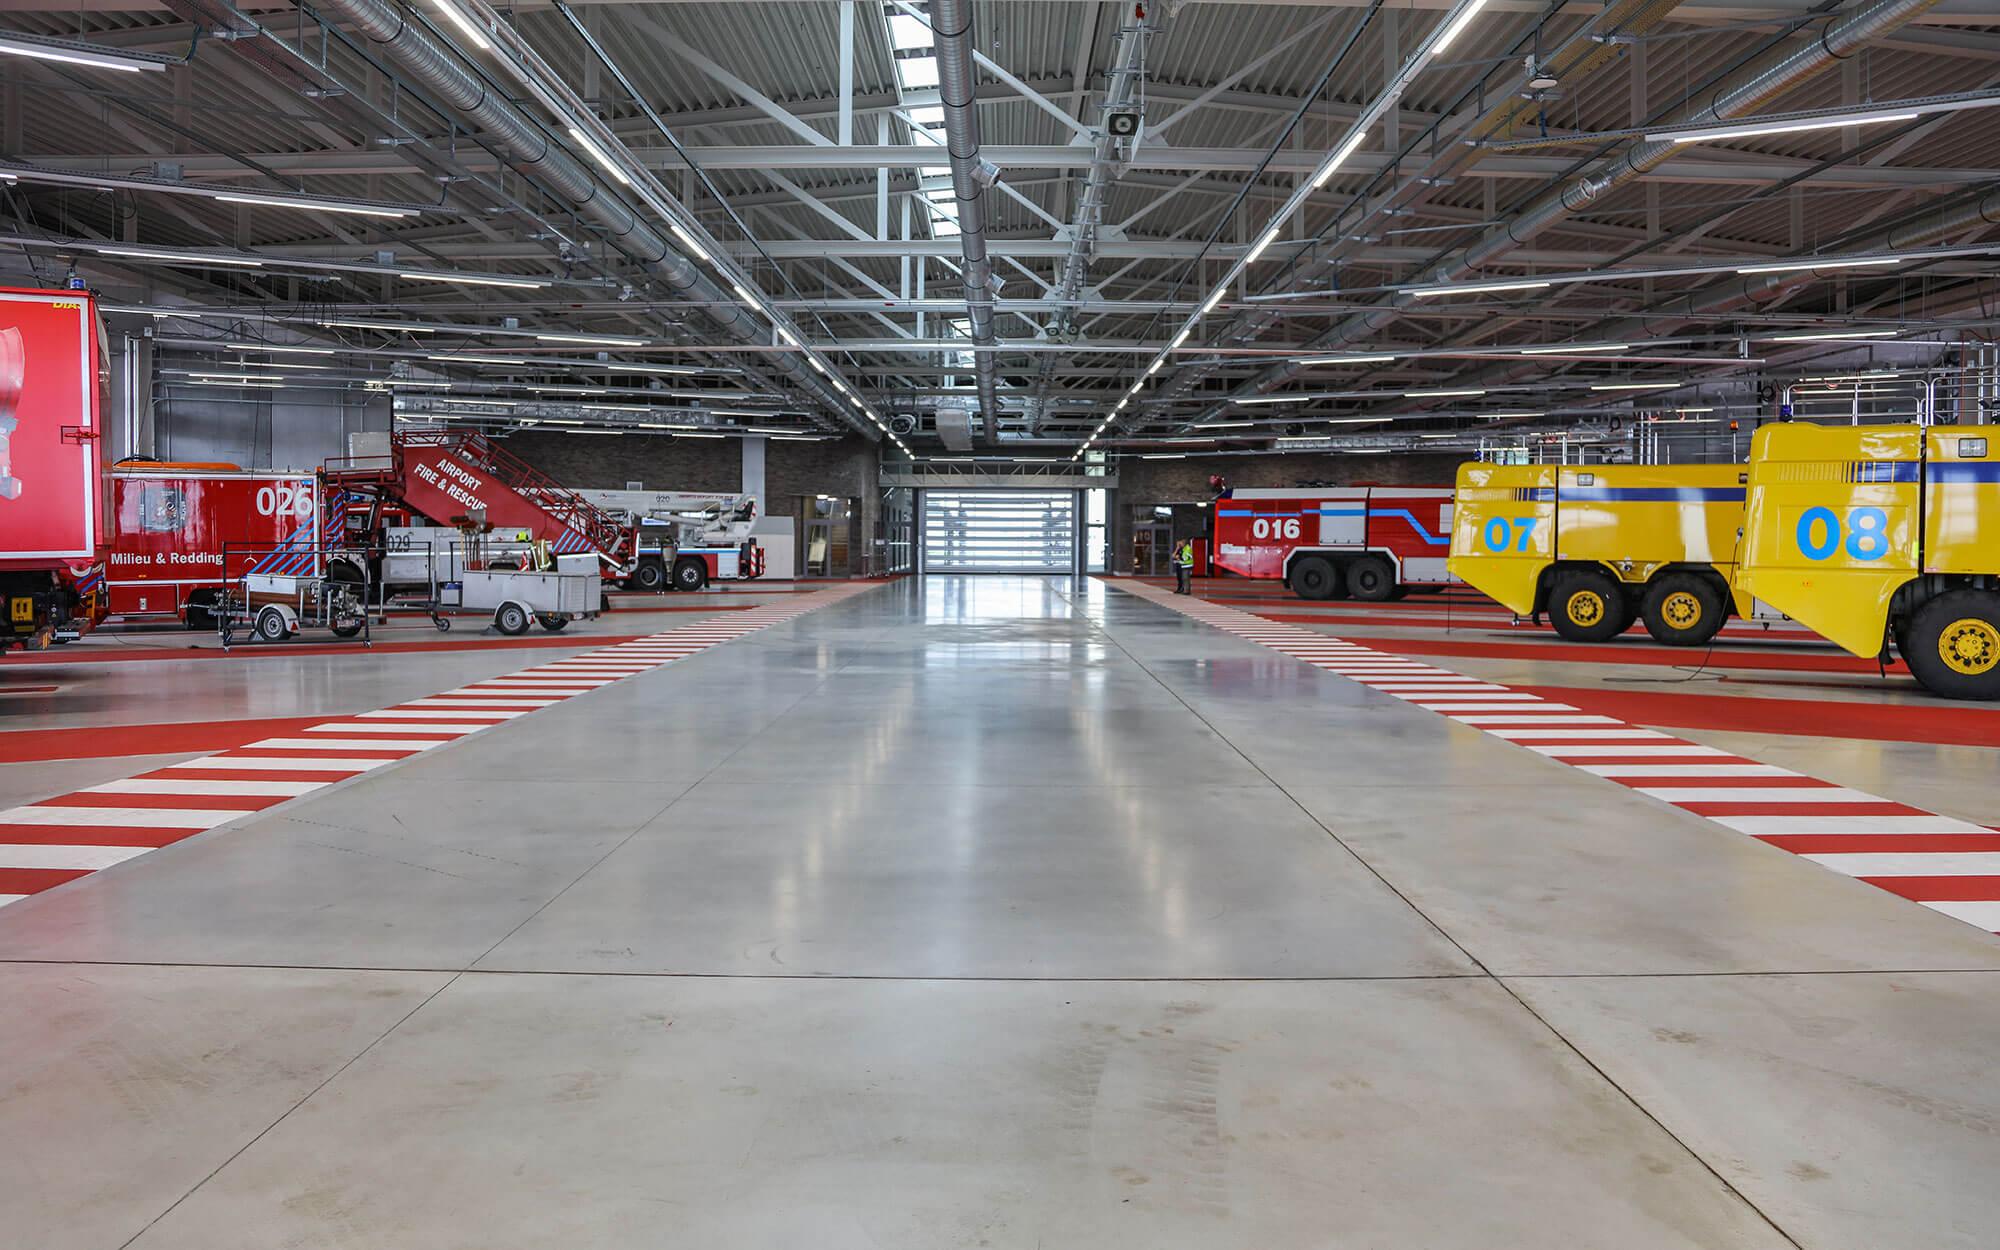 BAC_brandweer_zaventem_interieur_stelplaats_lengte.jpg